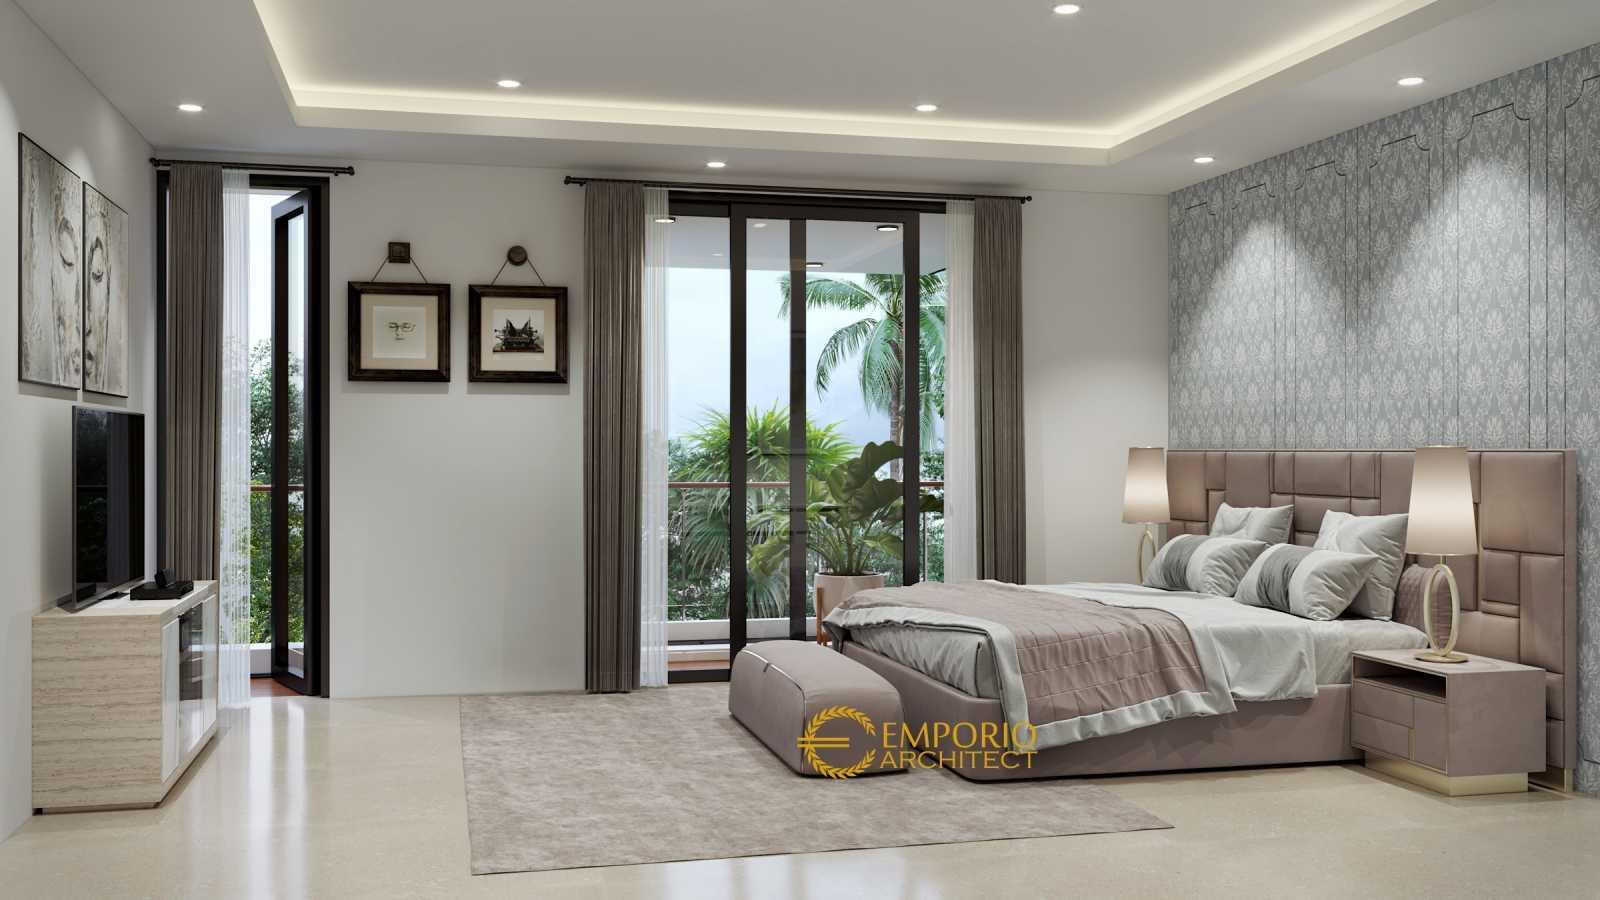 Emporio Architect Desain Rumah Modern Tropis 618 @ Tangerang Tangerang, Kota Tangerang, Banten, Indonesia Tangerang, Kota Tangerang, Banten, Indonesia Emporio-Architect-Desain-Rumah-Modern-Tropis-618-Tangerang  78180